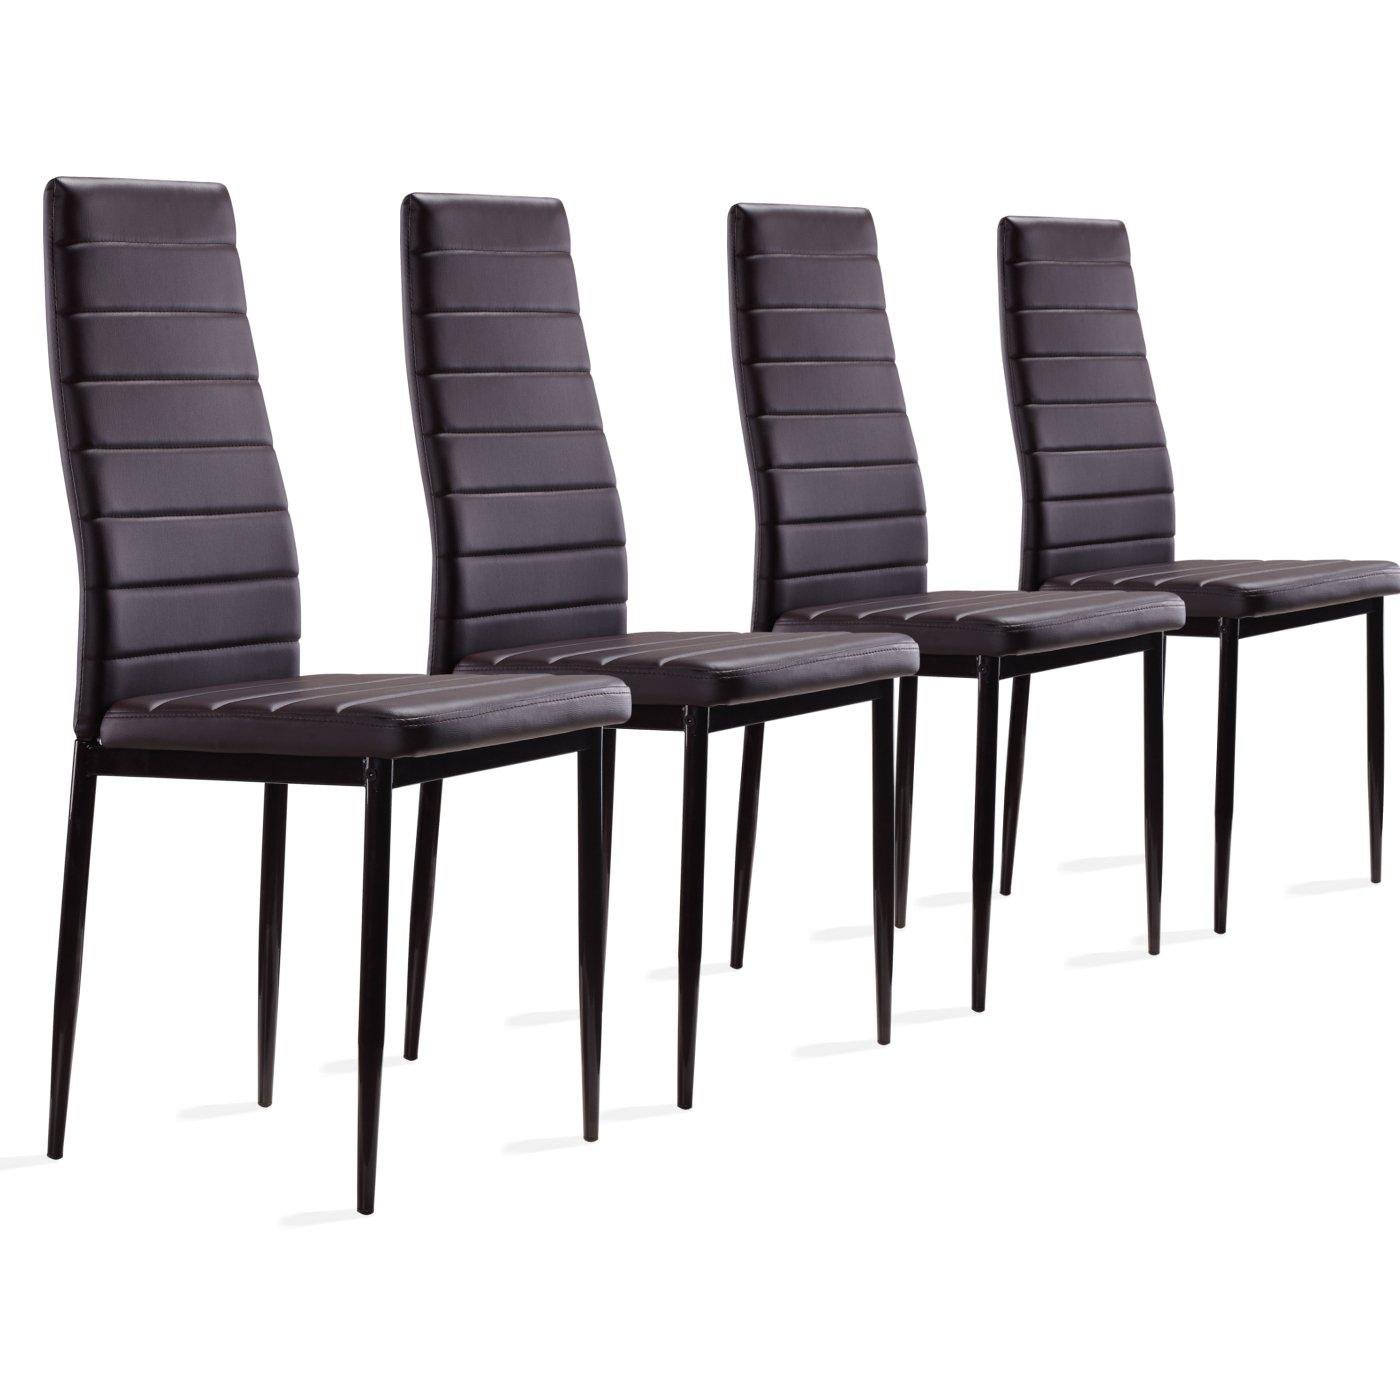 4 Stück Esszimmerstühle, Küchenstühle Mit Hochwertigem Kunstlederpolster ...